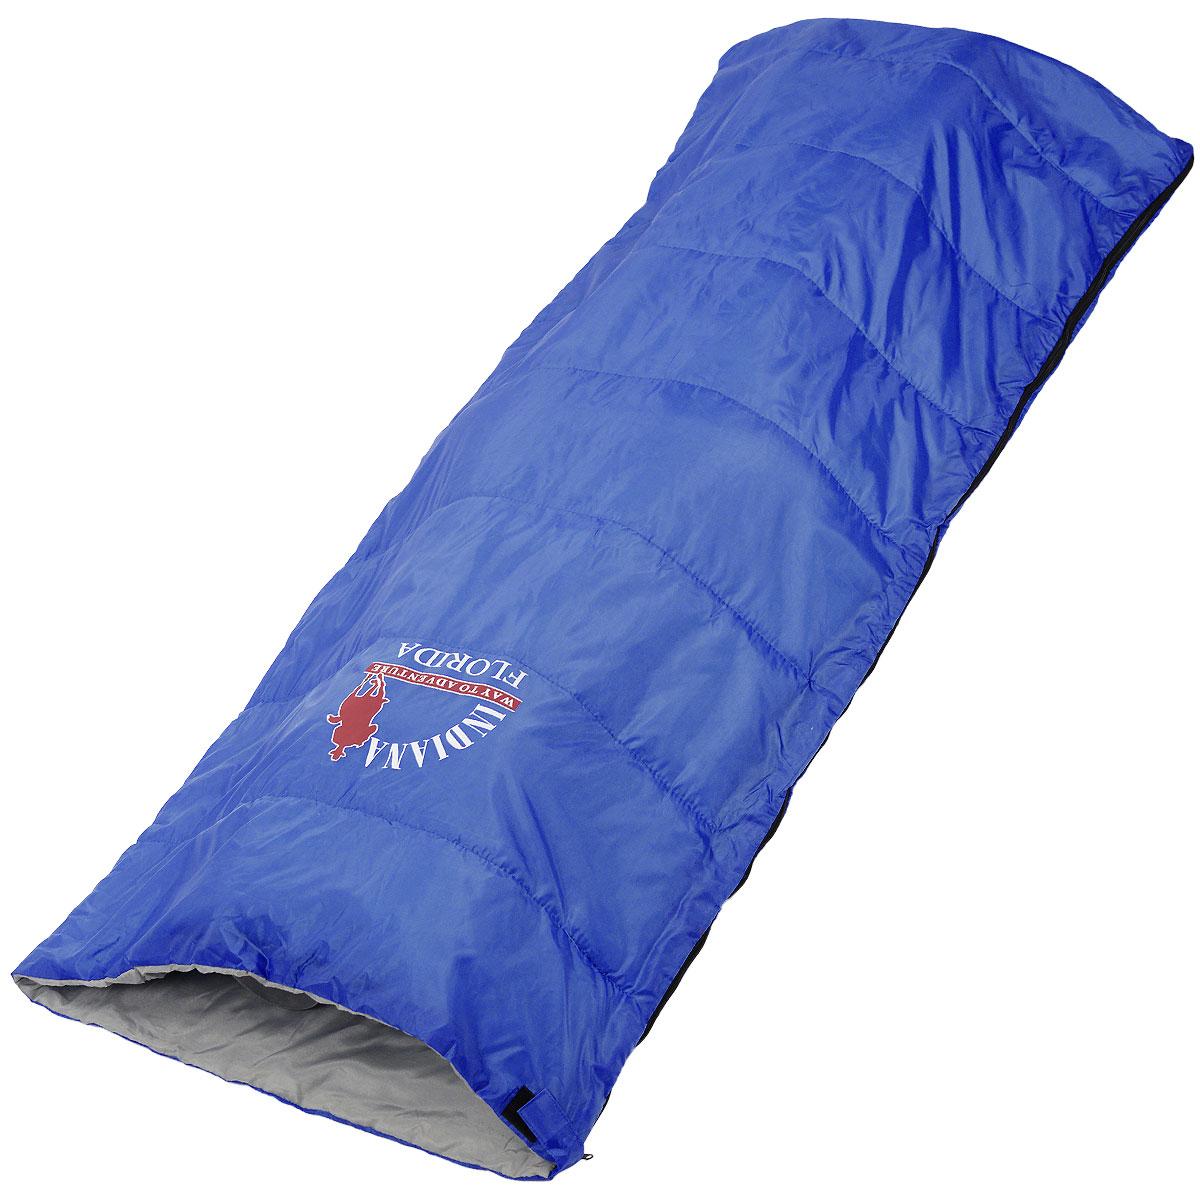 Спальный мешок-одеяло Indiana Florida, 180 см х 75 см